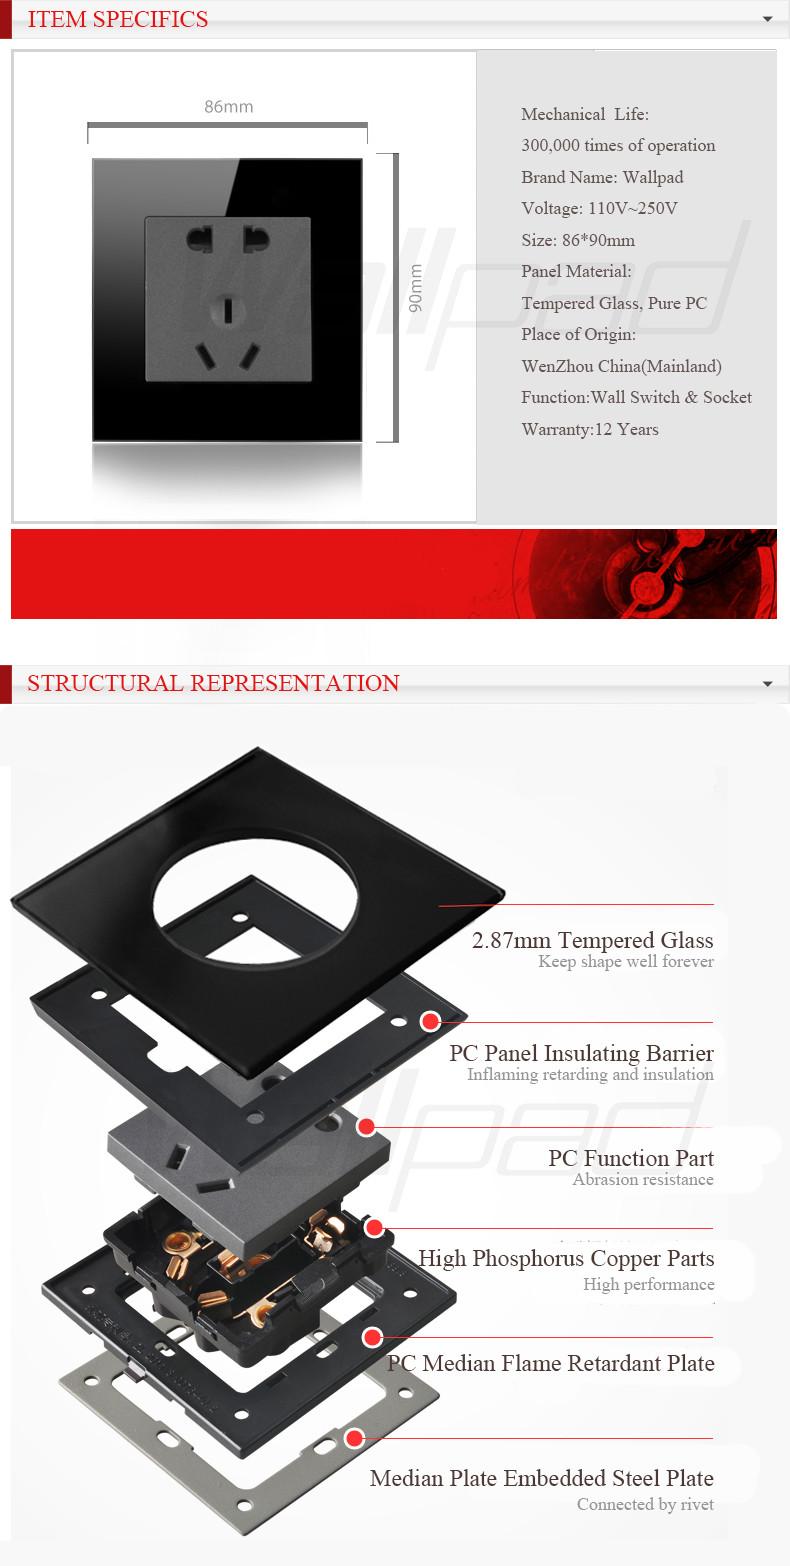 Купить Wallpad Умный Дом Вентилятор Выключатель Черный Кристал Гласс Вентилятор Скорость Вращения Управления Настенный Выключатель, бесплатная Доставка